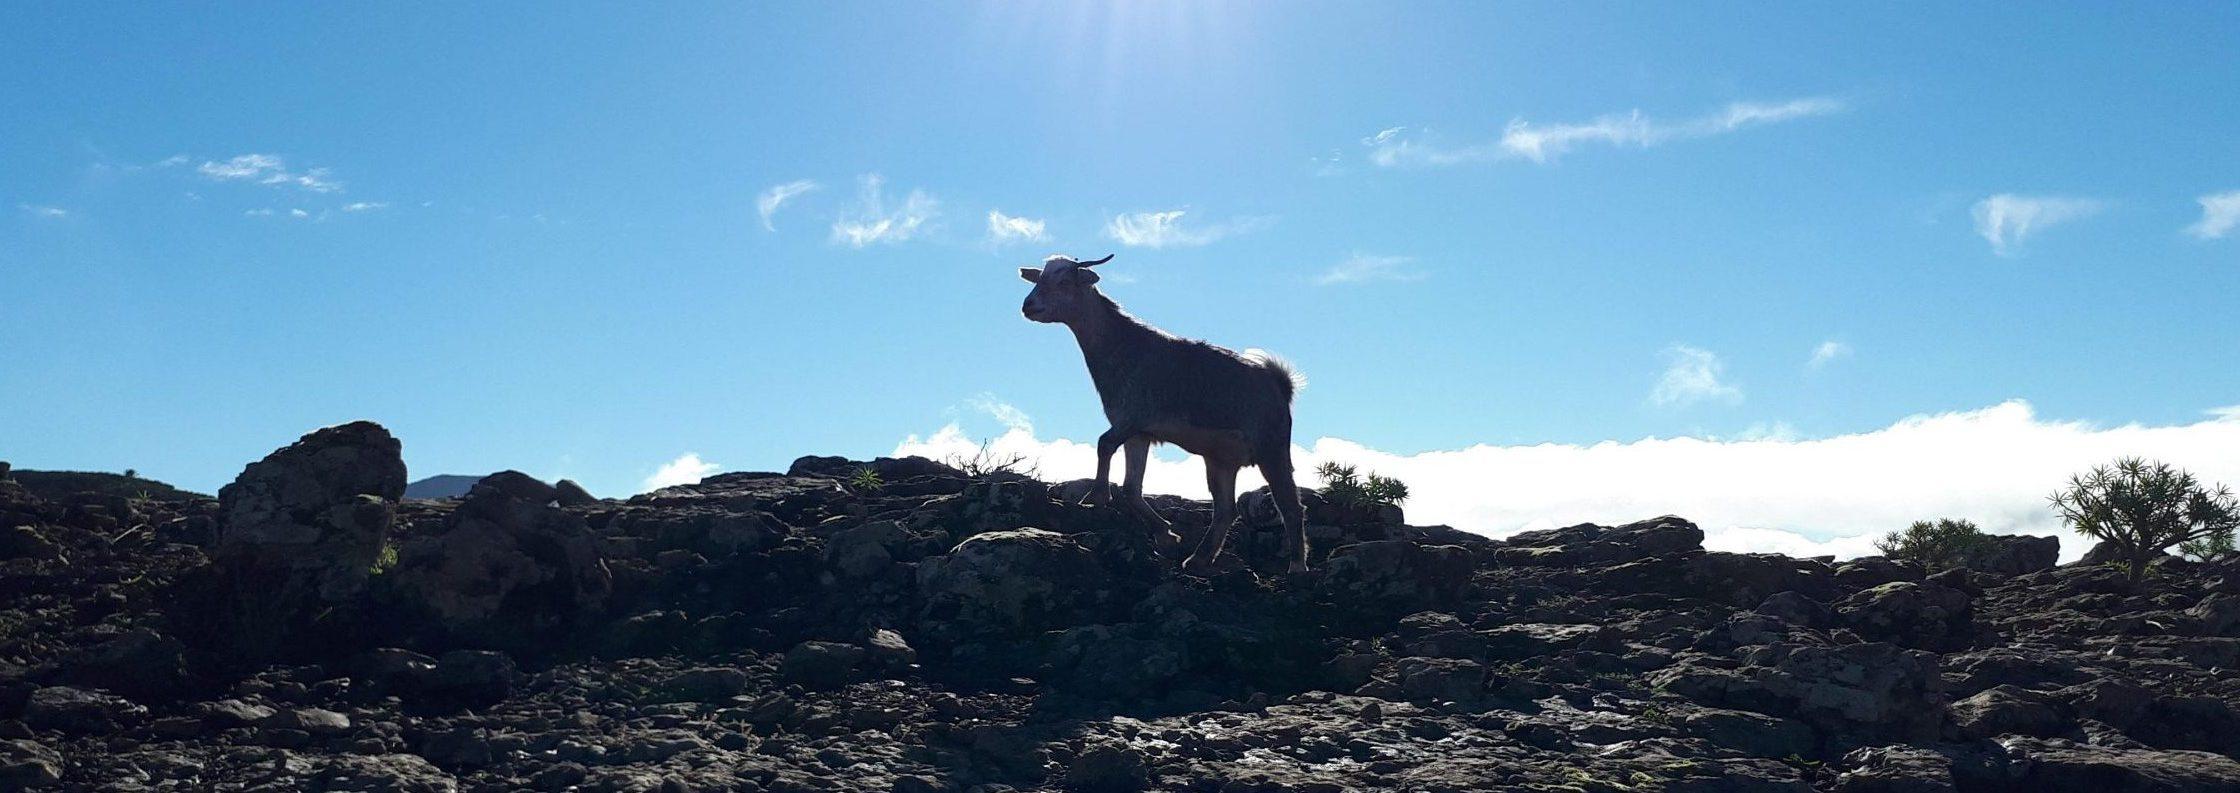 Wandern la Gomera